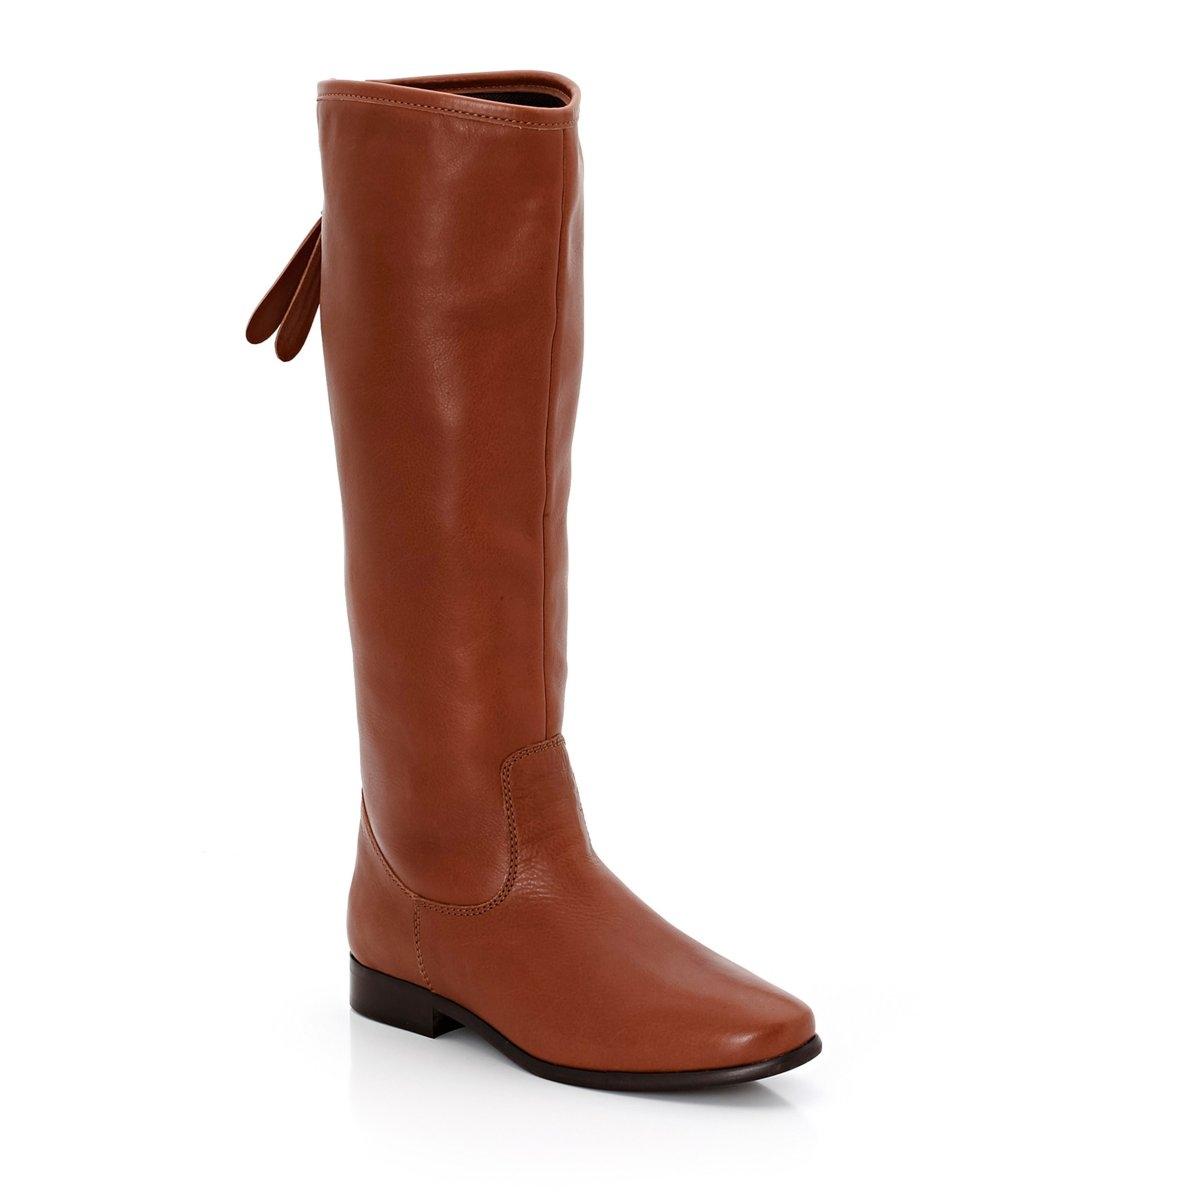 Сапоги кожаные, обхват икры LСапоги, специально предназначенные для женщин с широкими икрами, изготовлено в Португалии.Сапоги, обхват икры L: 38-40 см.<br><br>Цвет: черный<br>Размер: 36